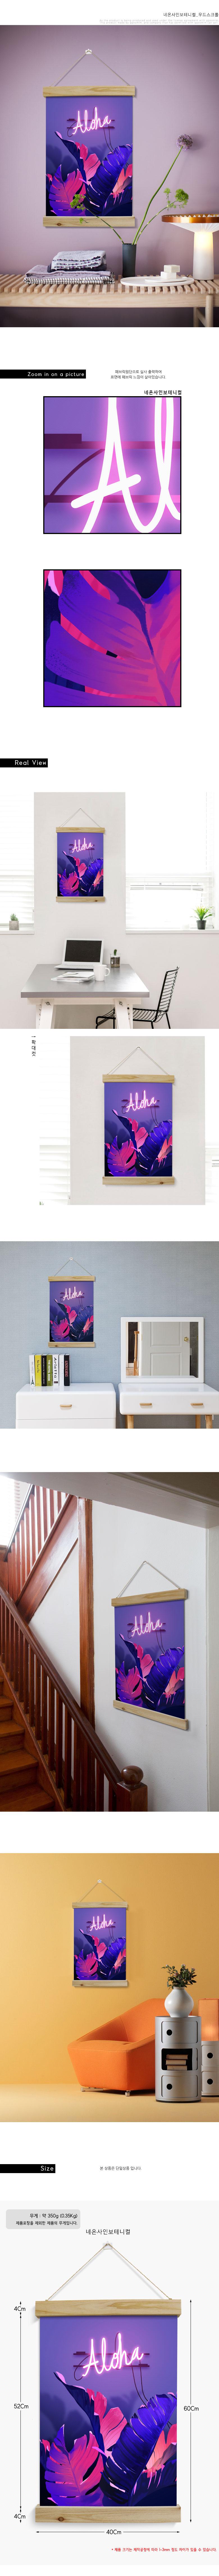 우드스크롤-네온사인보테니컬 - 꾸밈, 20,300원, 홈갤러리, 패브릭포스터